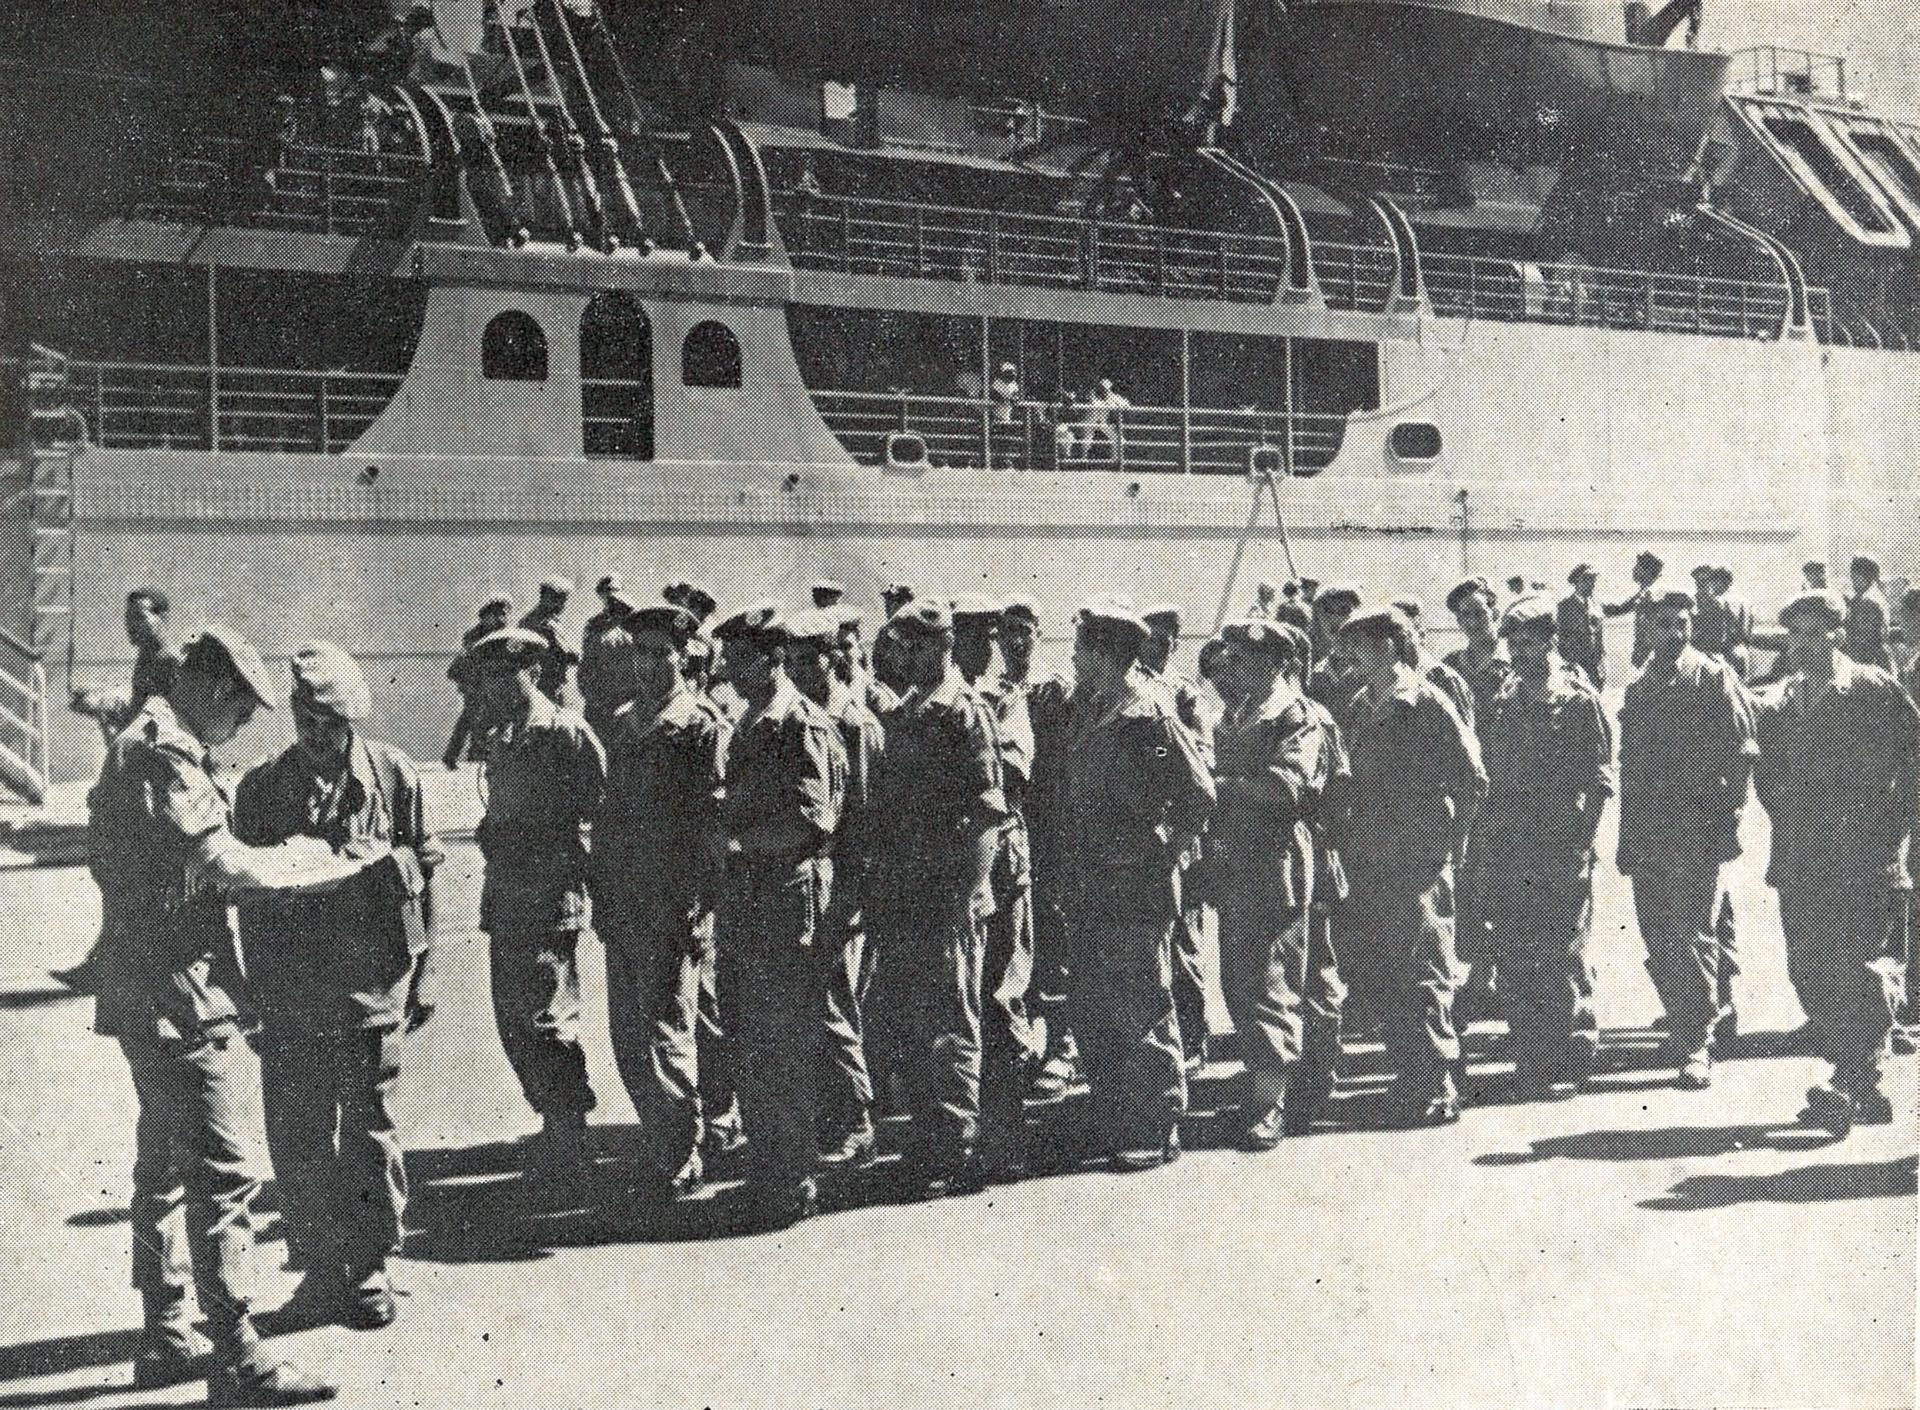 Les Forces Armées Royales au Congo - ONUC - 1960/61 31535617123_0db840bed0_o